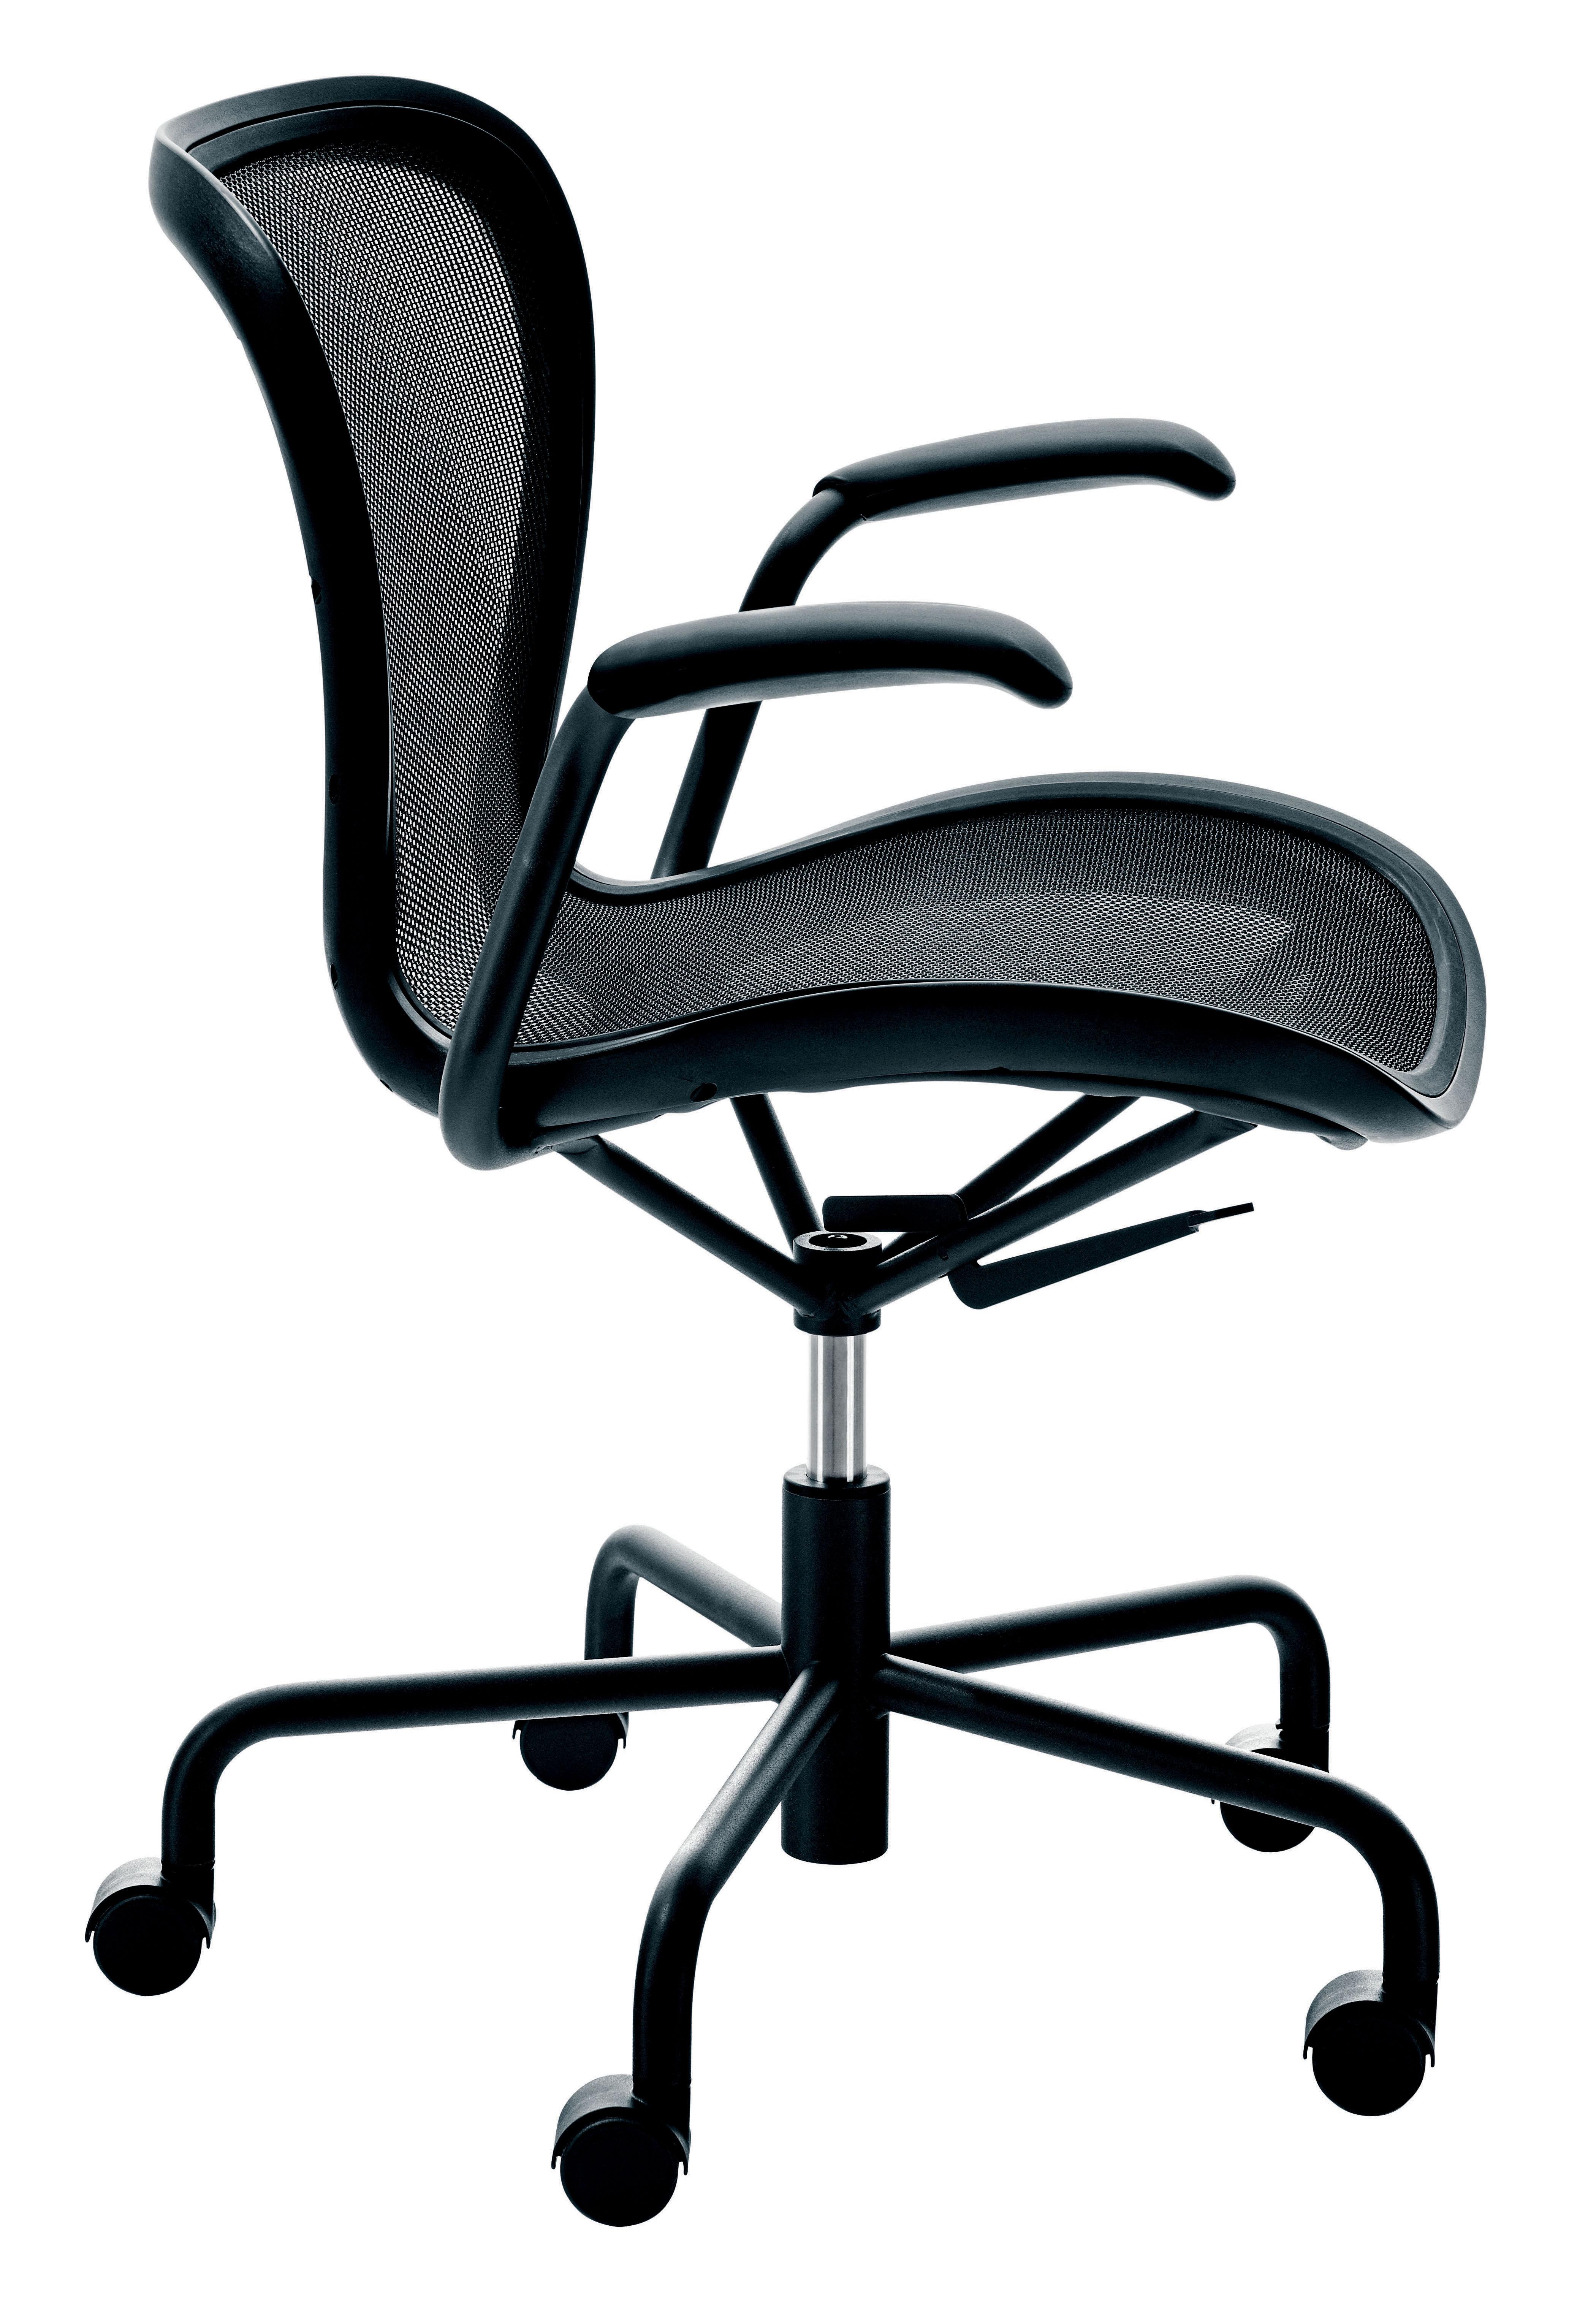 Möbel - Möbel für Teens - Annett Sessel mit Rollen - Magis - Schwarz / Gestell: schwarz - gefirnister Stahl, Netzgewebe, Polypropylen